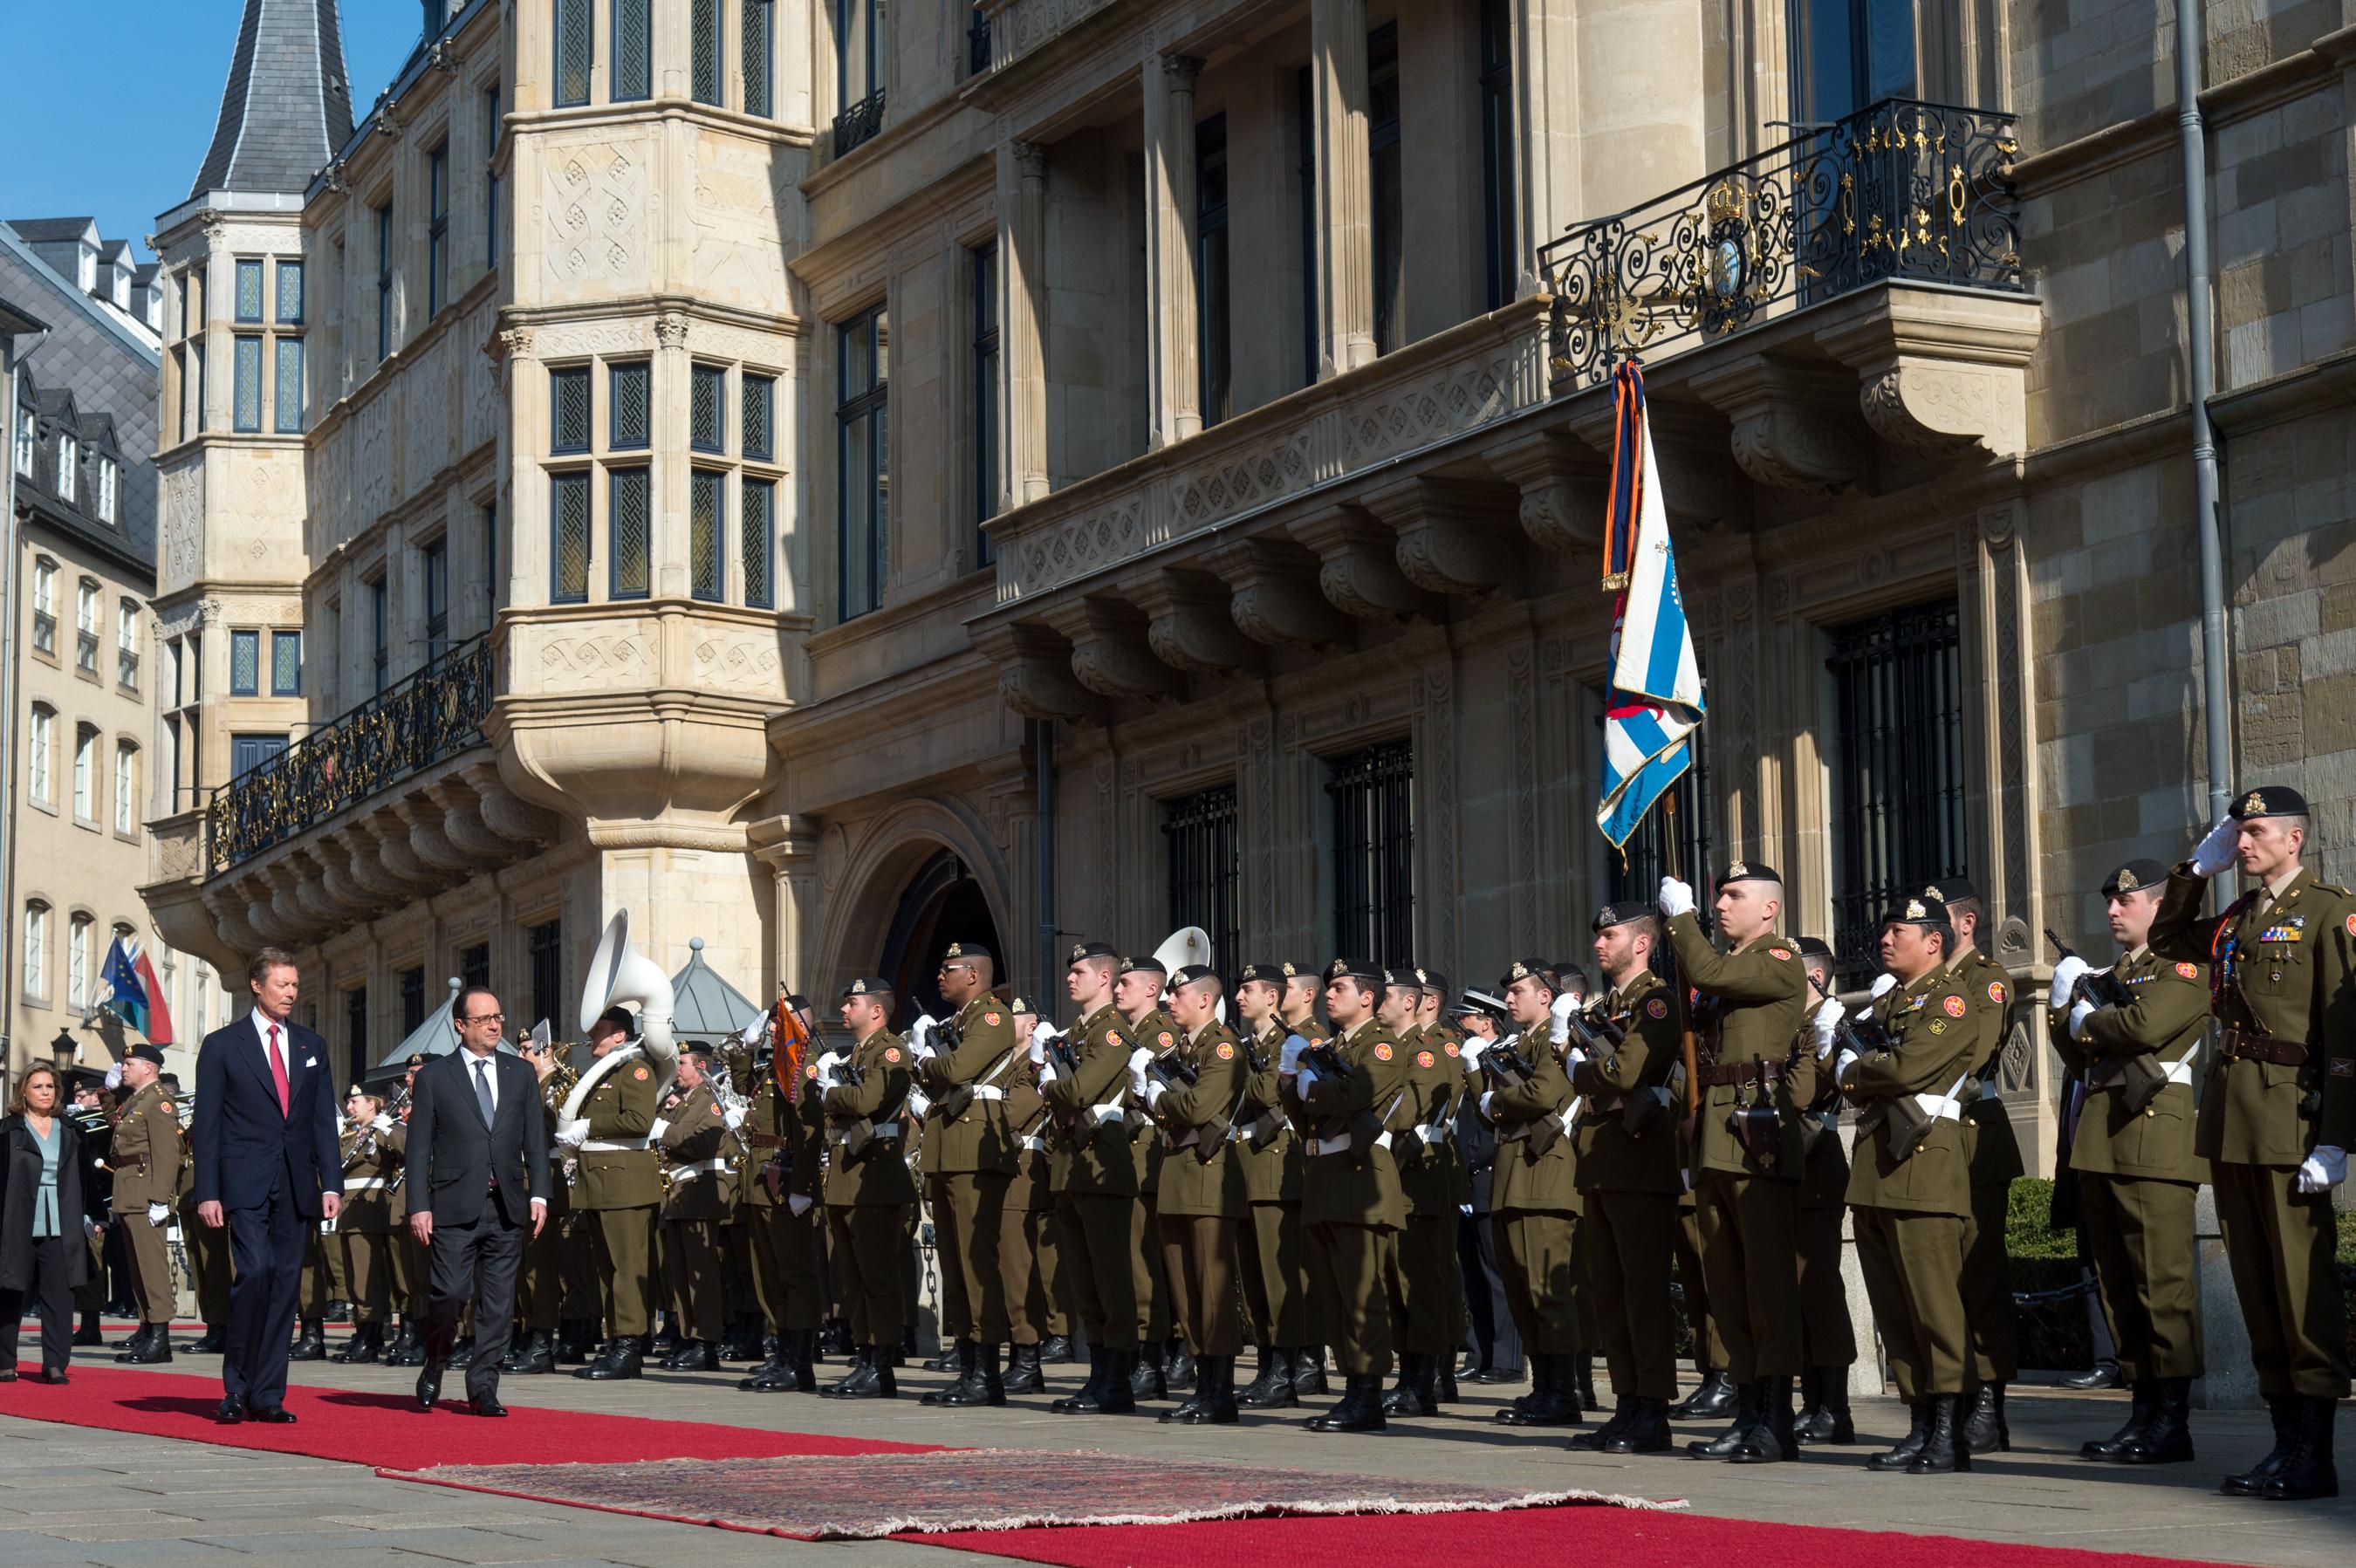 Accueil officiel du président de la République française, François Hollande, par LL.AA.RR. le Grand-Duc et la Grande-Duchesse. (Photo: Sip / Charles Caratini)